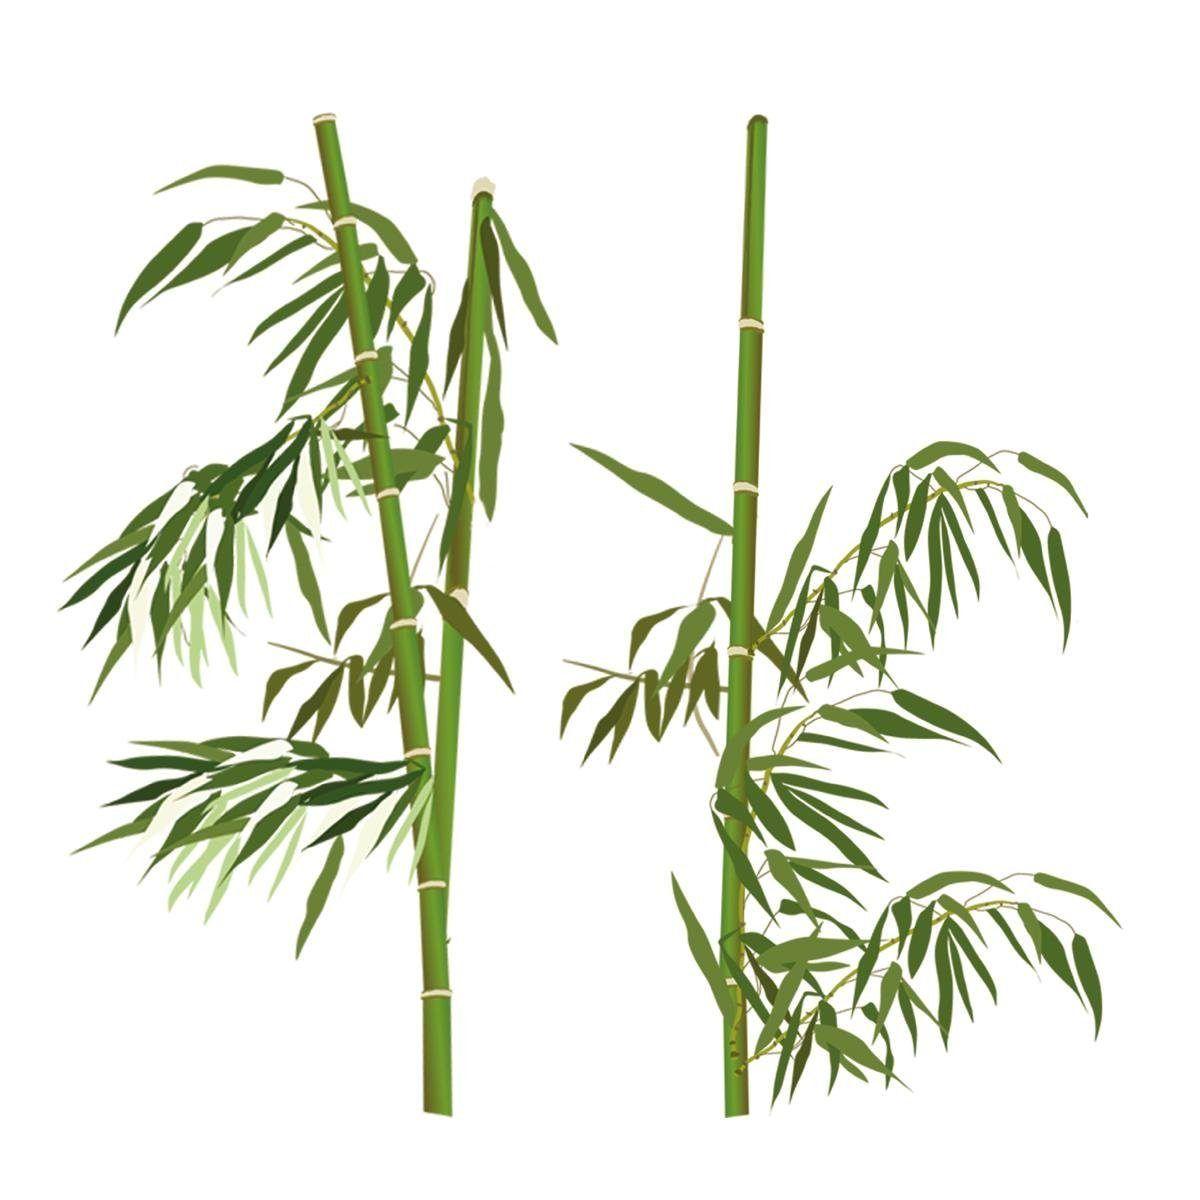 Anspruchsvoll Wandtattoo Gras Dekoration Von Eurographics Wandtattoos »bamboo Everywhere« Grün, (b/h): 30/